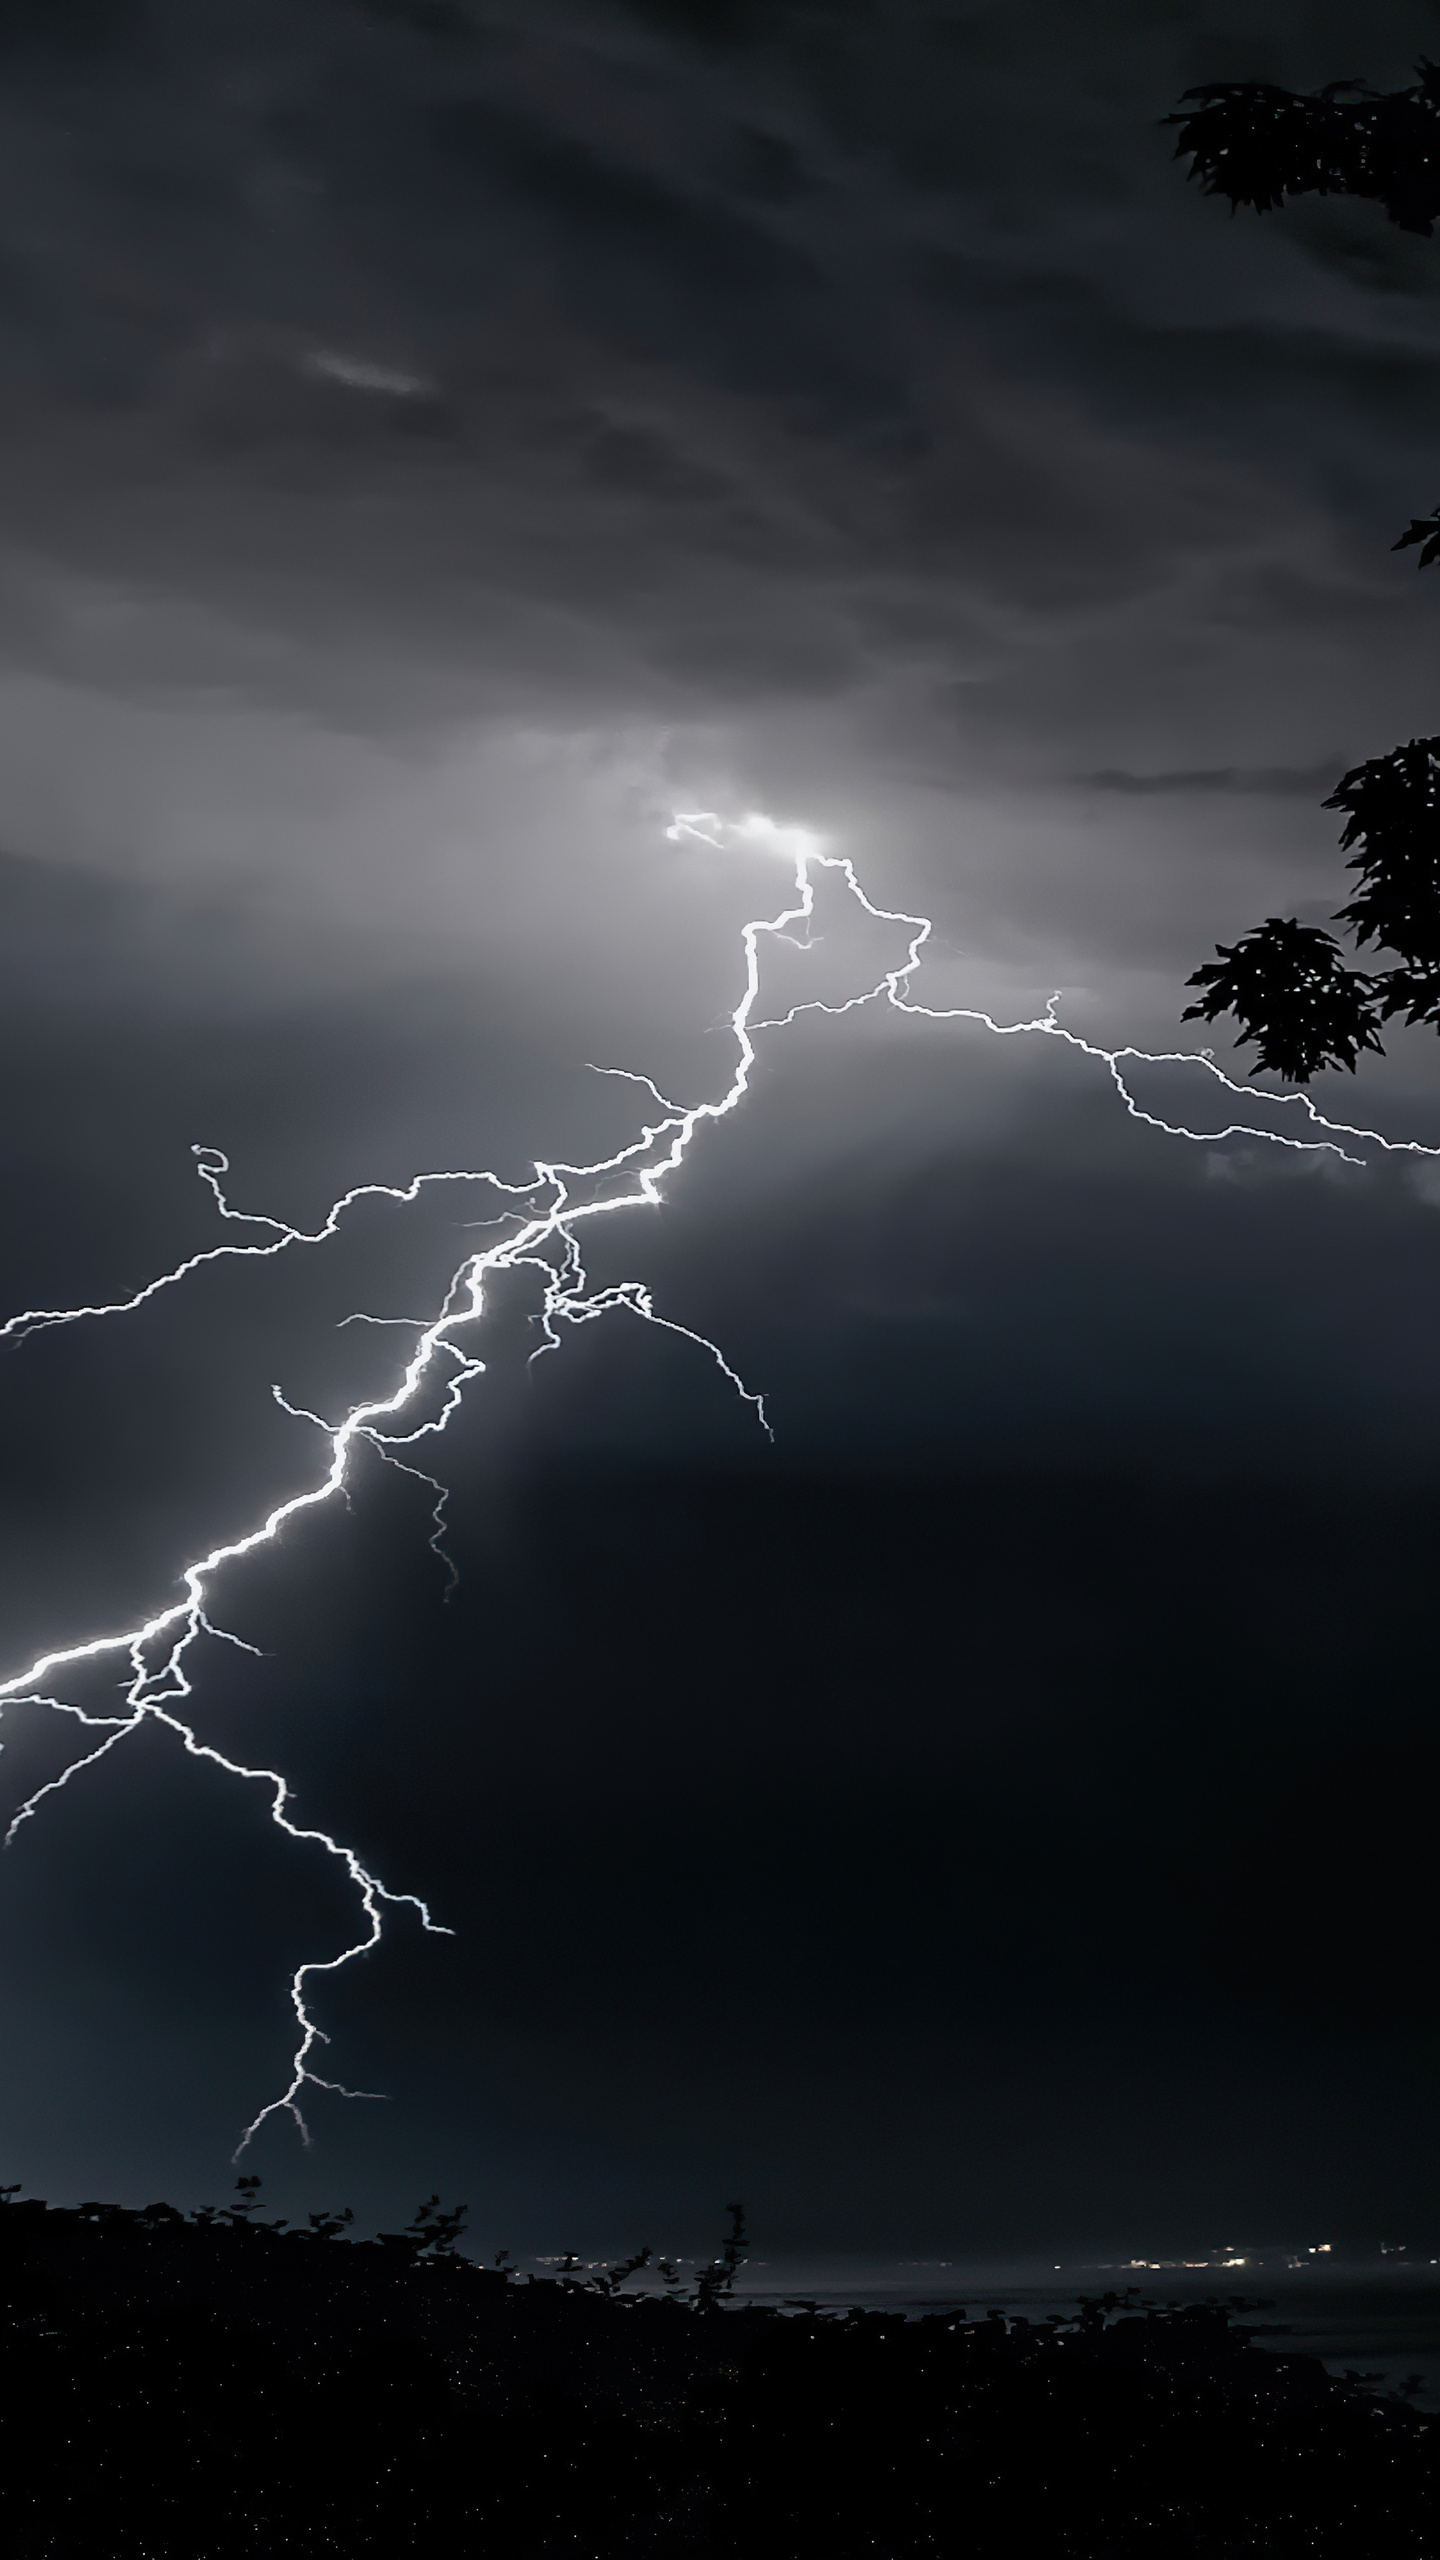 lightning-strikes-on-trees-4k-q4.jpg